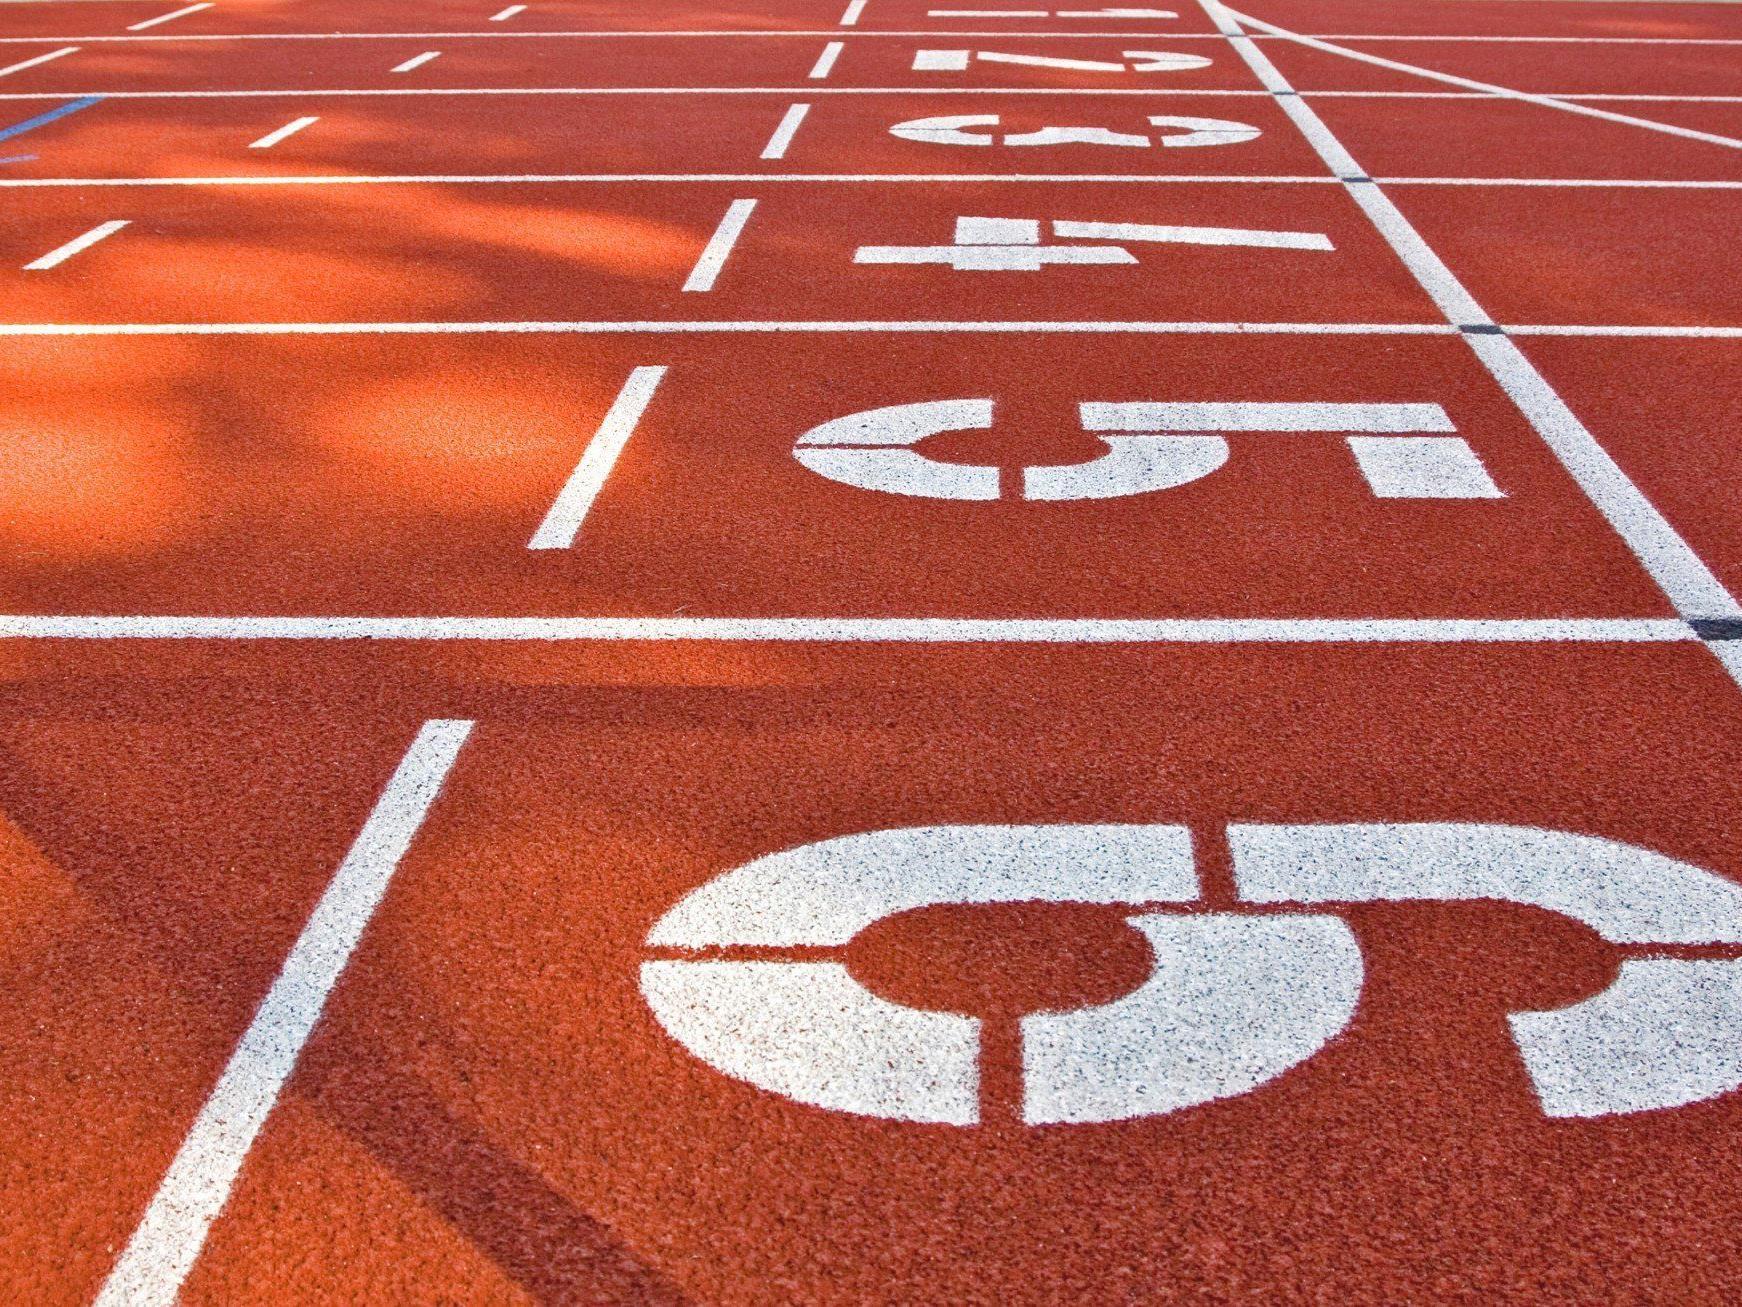 Ermittlungen gegen italienischen Langstreckenläufer Licciardi